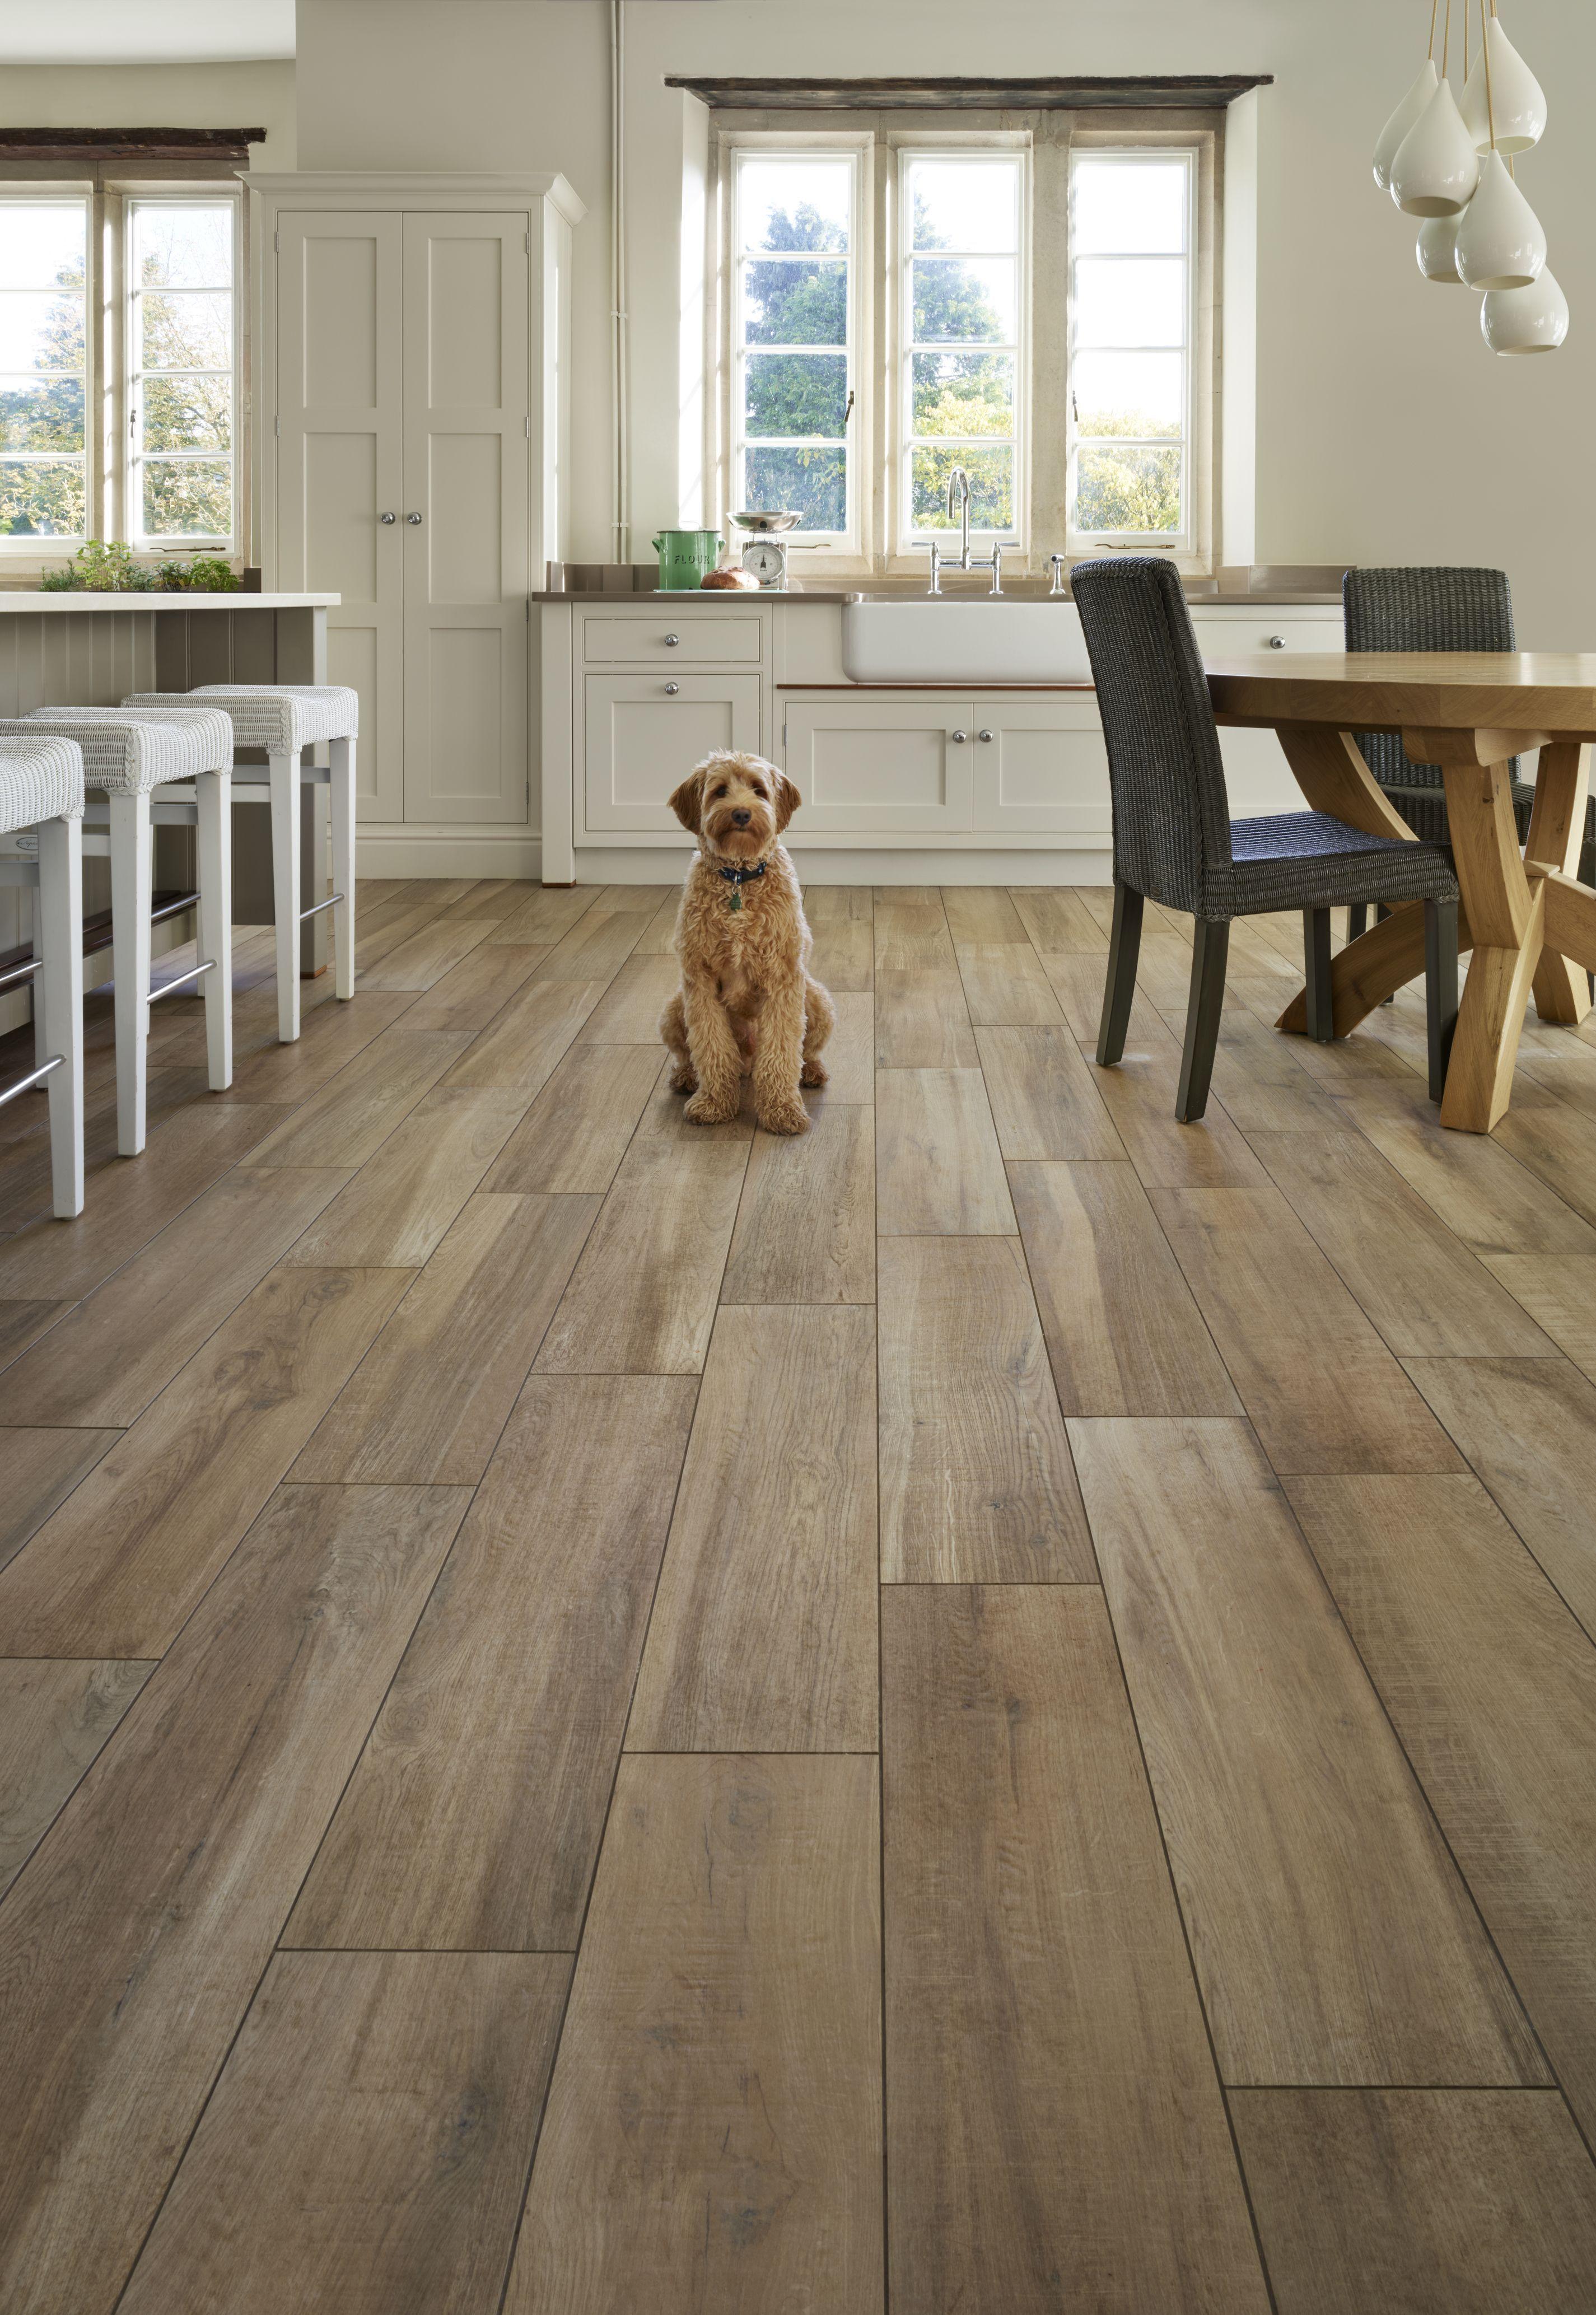 Wood Tile Floor In 2020 Flooring Wood Tile Floors Wood Look Tile Floor